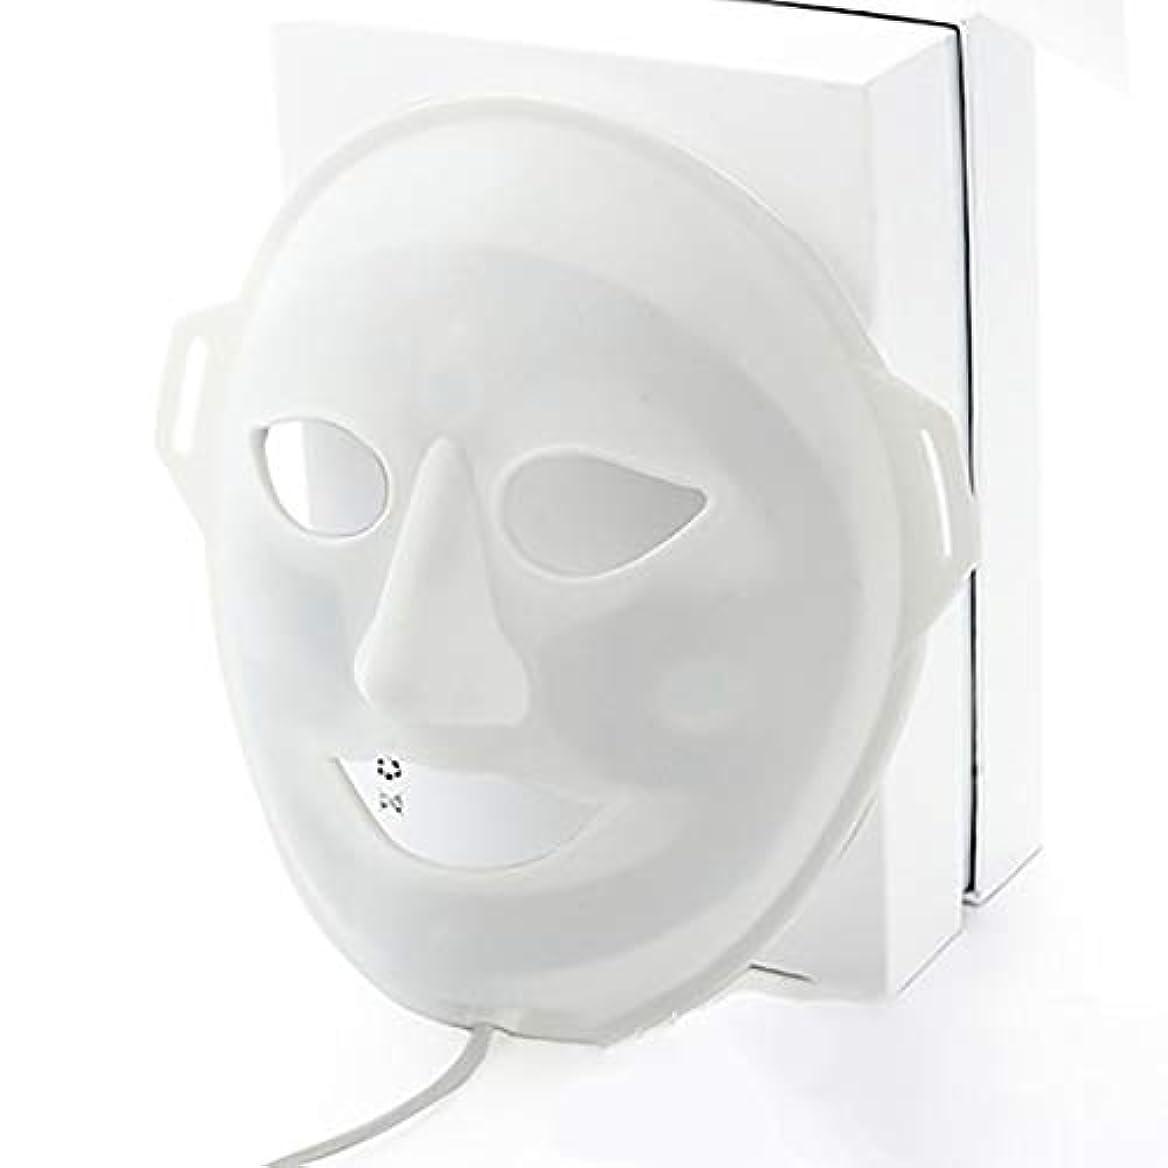 推定味付け動機付けるLED光子美容マスク、抗にきびしわ除去療法、保湿輝く顔色ホワイトニングマスク